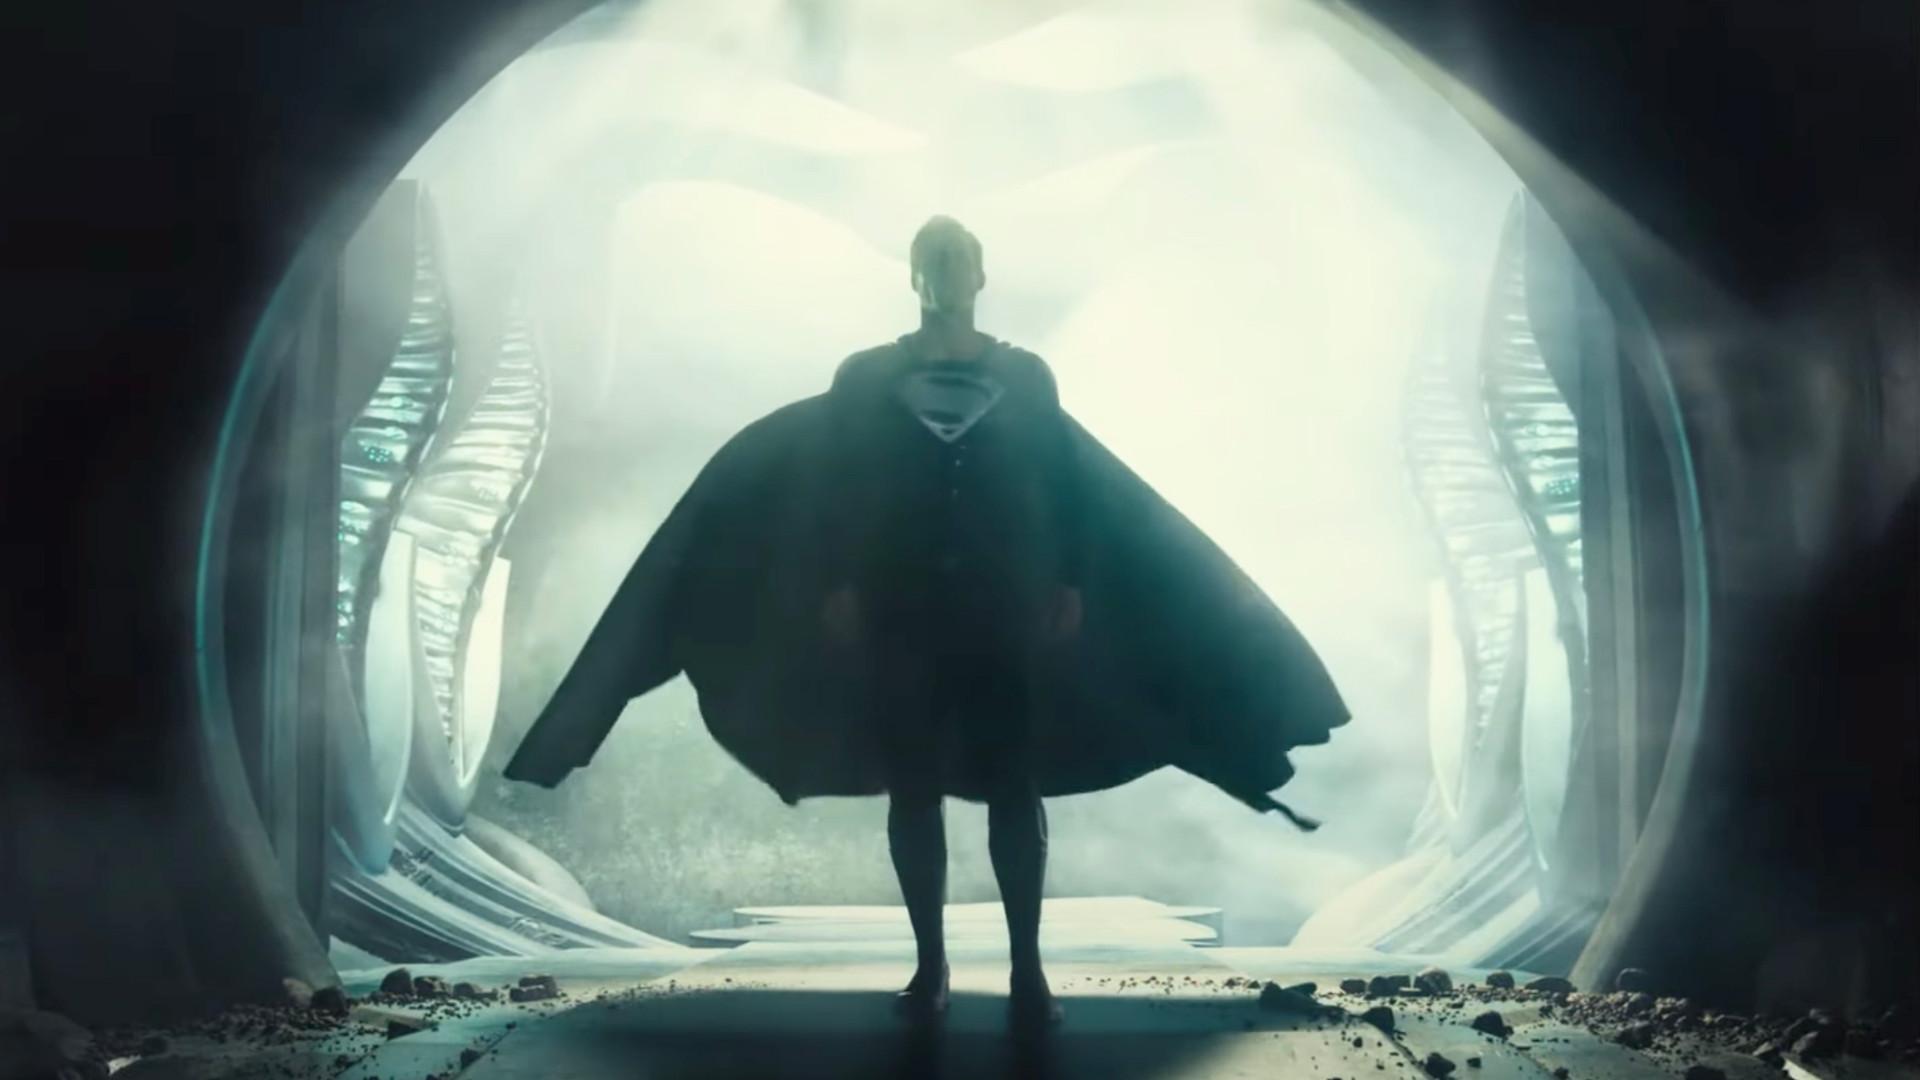 تریلر جدیدی از فیلم Zack Snyder's Justice League با موضوع سوپرمن منتشر شد+فیلم